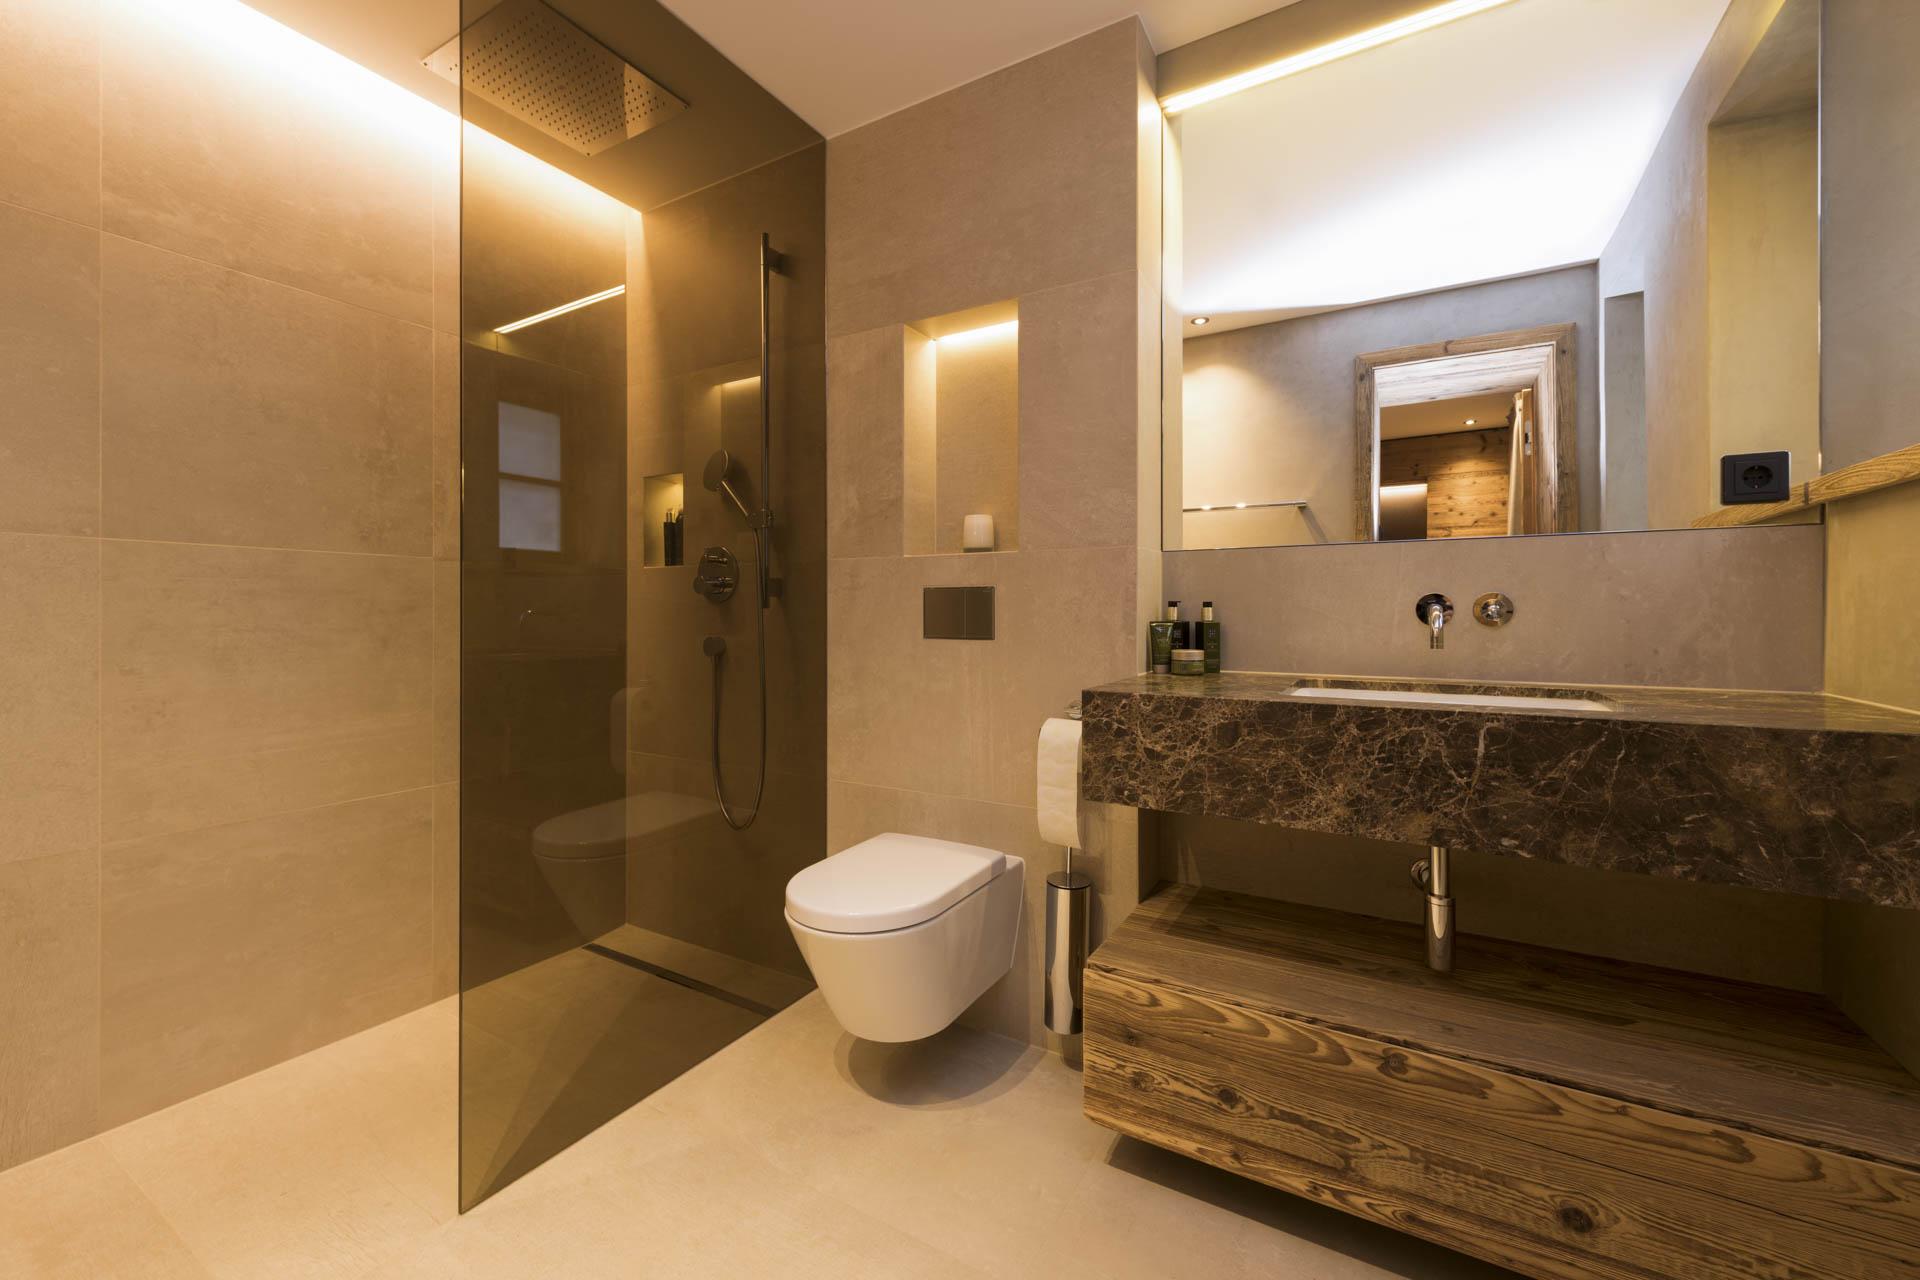 Tischlerei-Decker-Projekte-Wohnung-F-Badezimmer